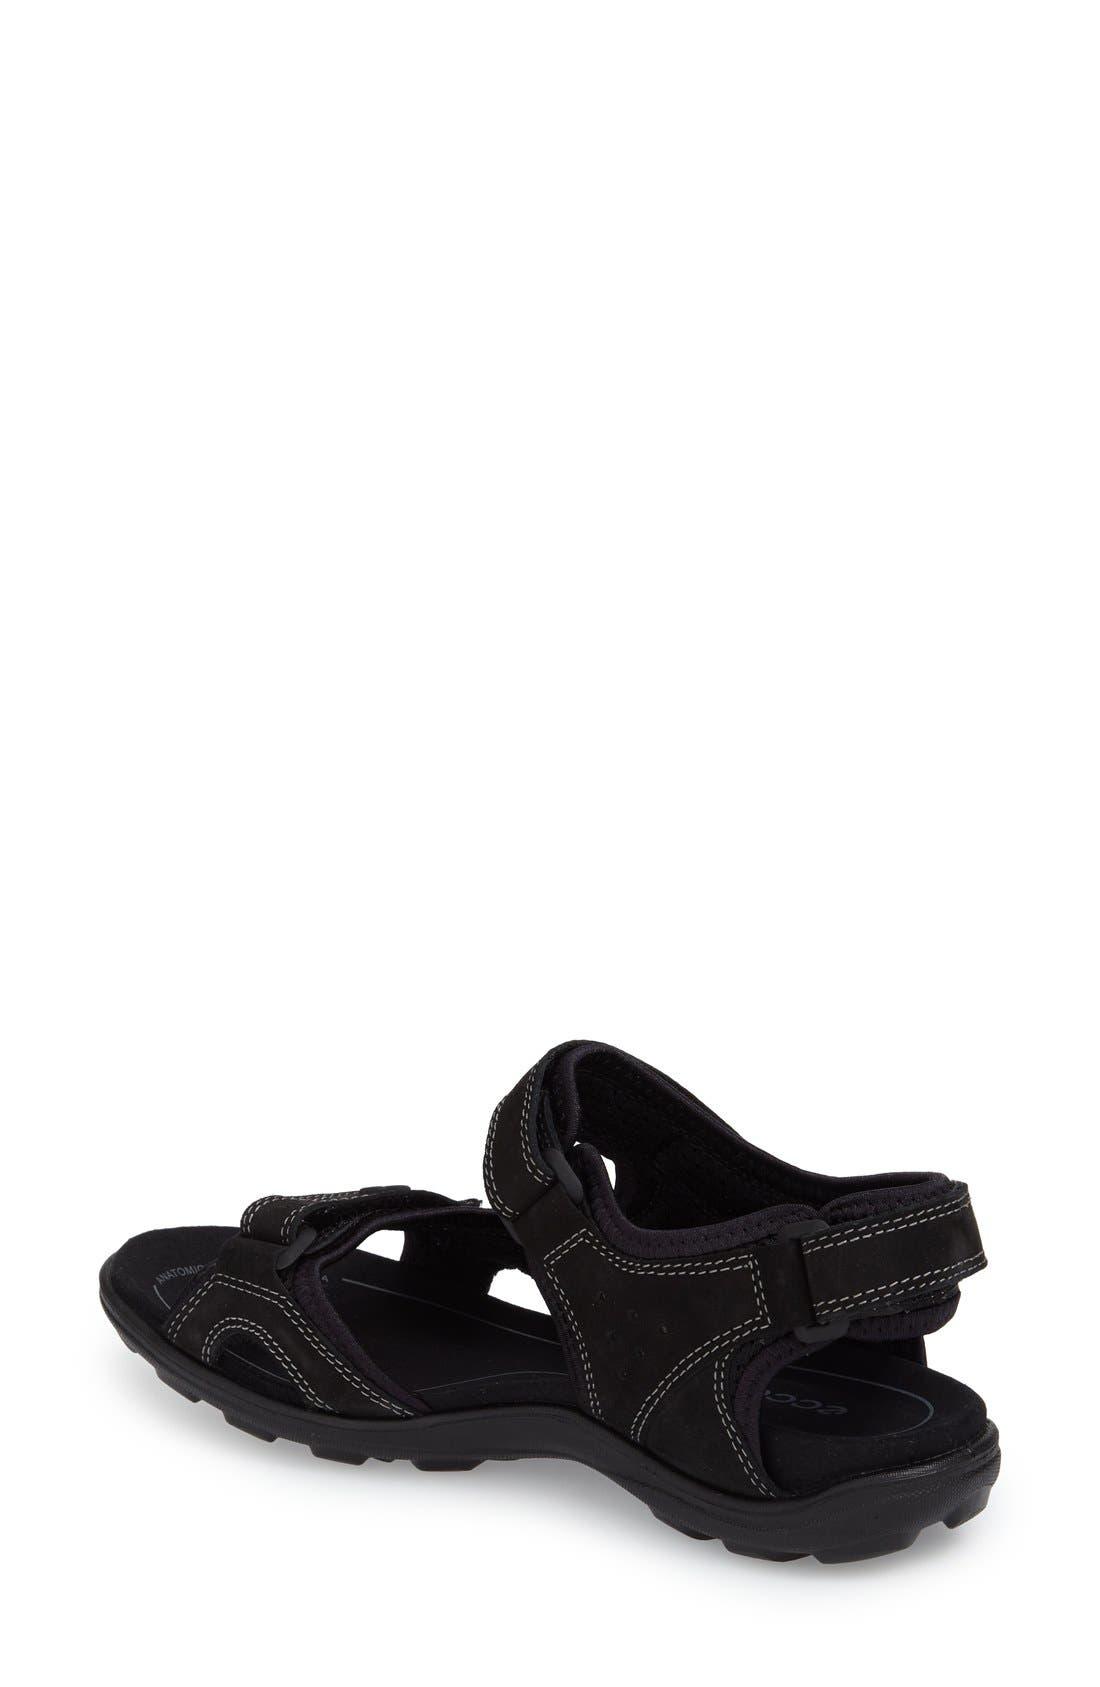 Alternate Image 2  - ECCO 'Kana' Sport Sandal (Women)